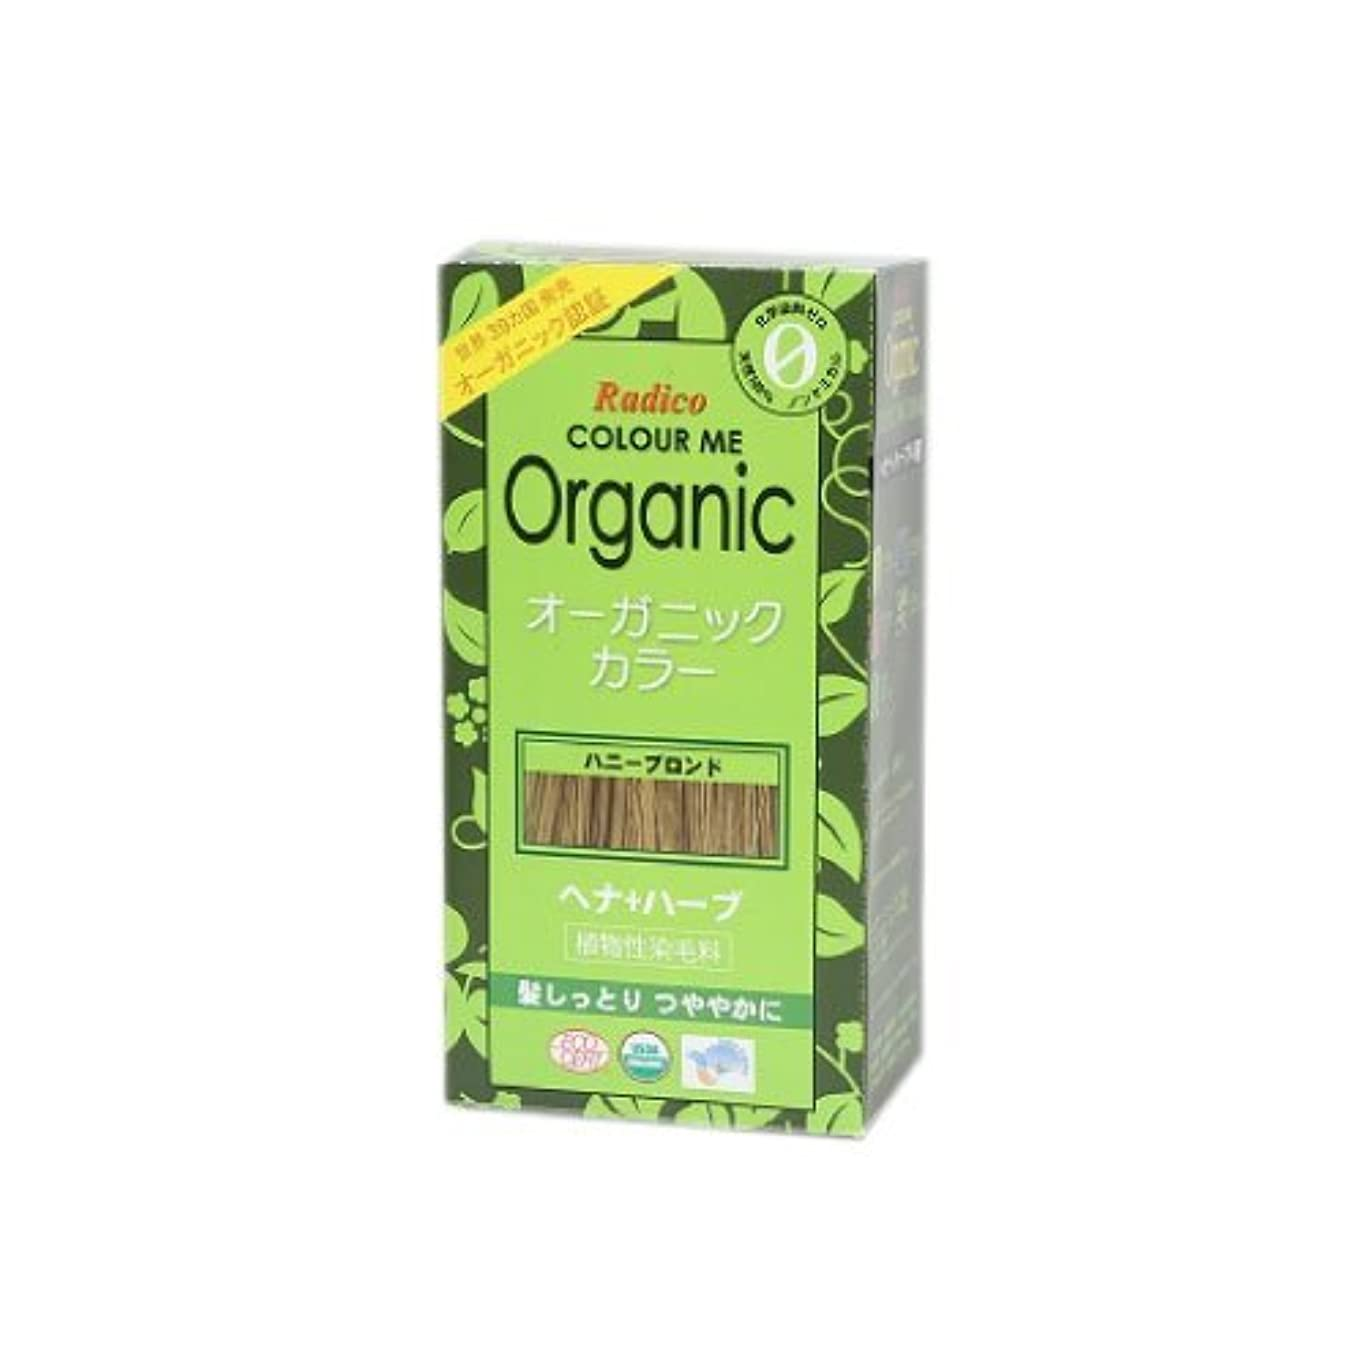 洞窟アレルギー原理COLOURME Organic (カラーミーオーガニック ヘナ 白髪用) ハニーブロンド 100g